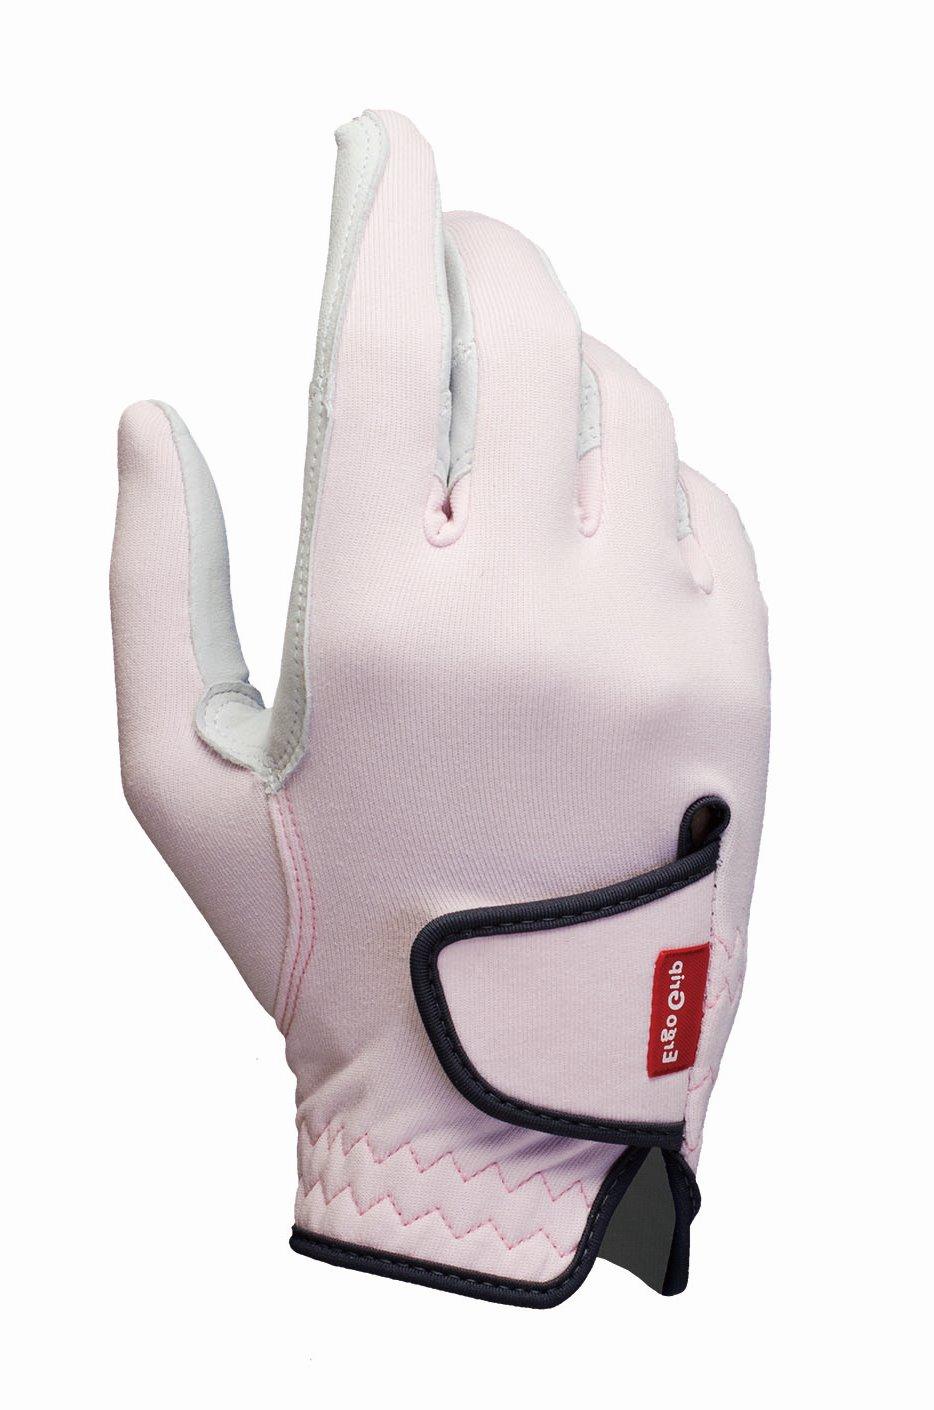 ゴルフ用グローブ、右手新色、発売